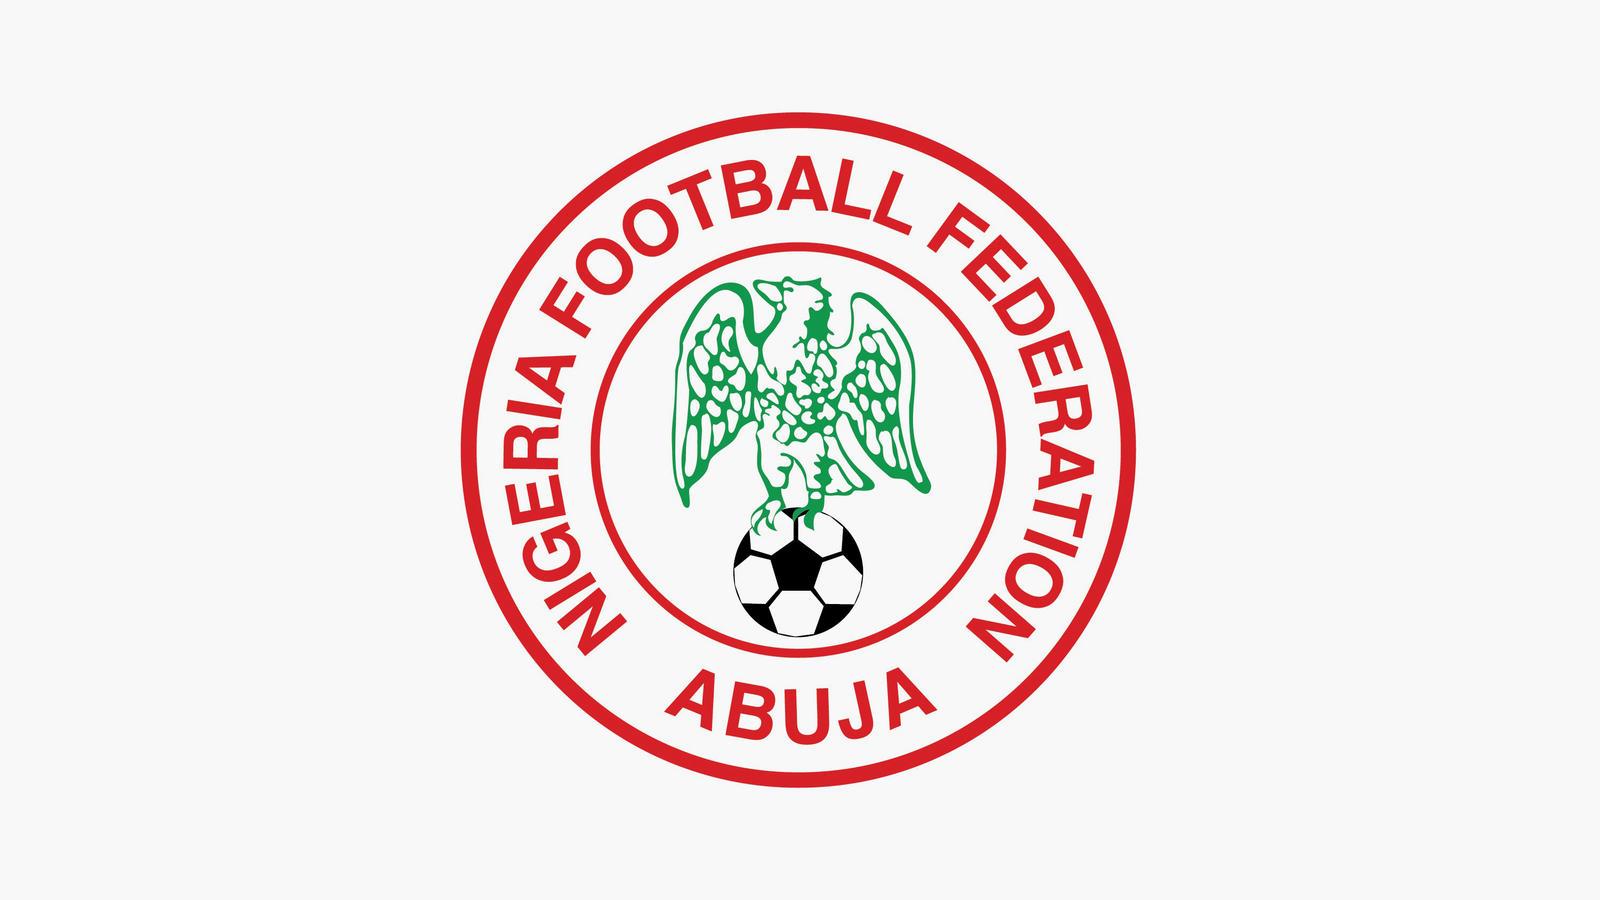 Nigeria_Football_Federation_crest_gray